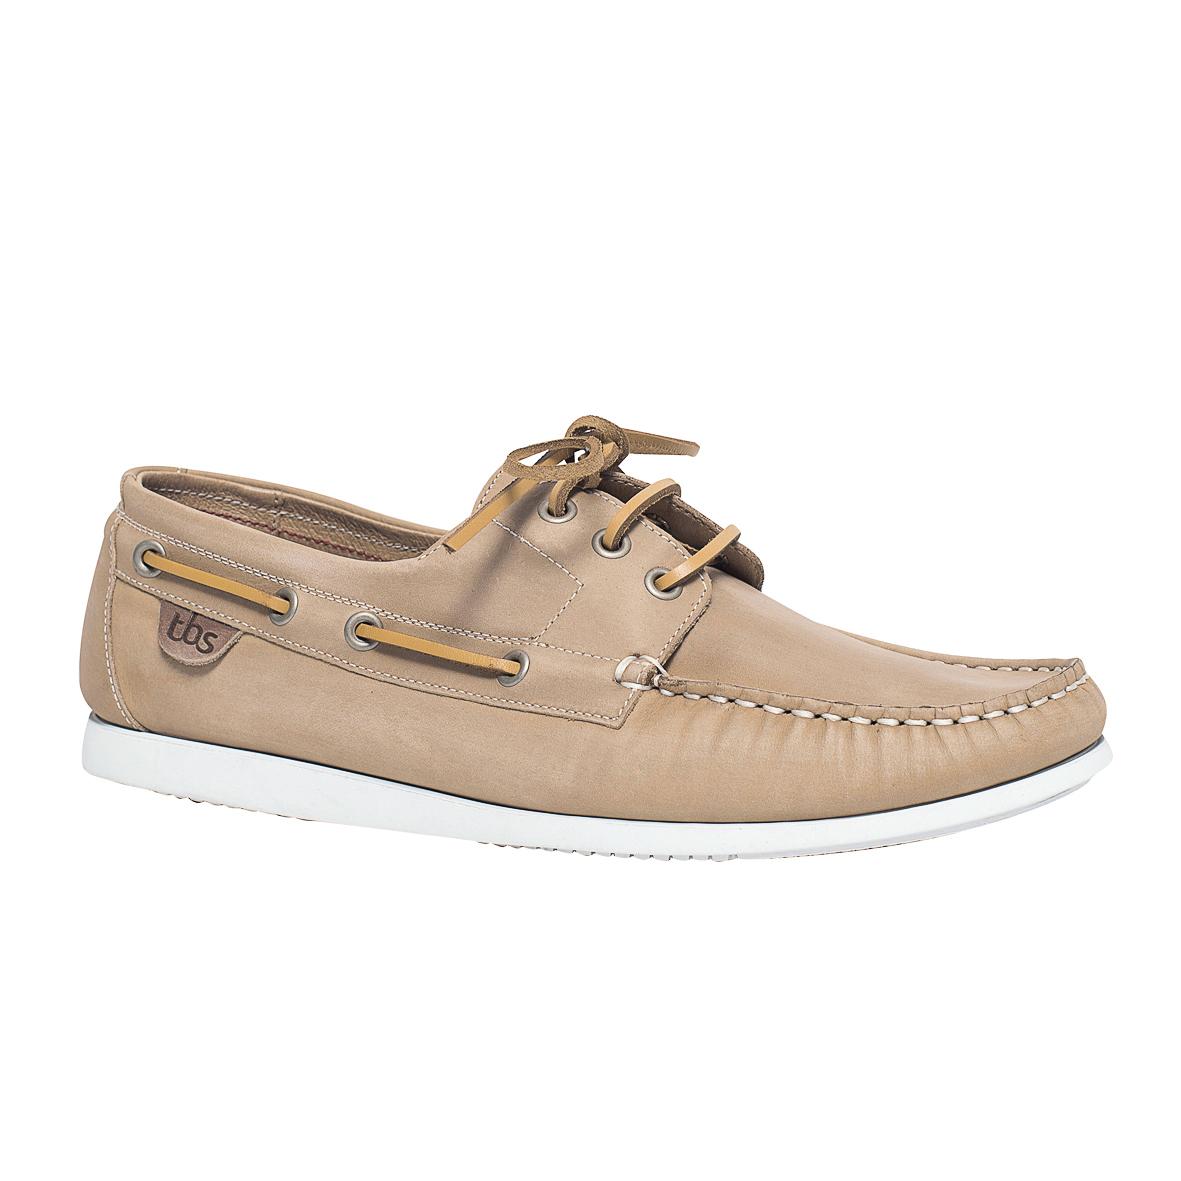 Топсайдеры мужские. ALLOHA-3803ALLOHA-3803Стильные мужские ботинки, комфортно и уверенно сидят на ноге, мысок прострочен, по бокам модель украшена декоративным шнурком. Верх модели регулируется шнуровкой.